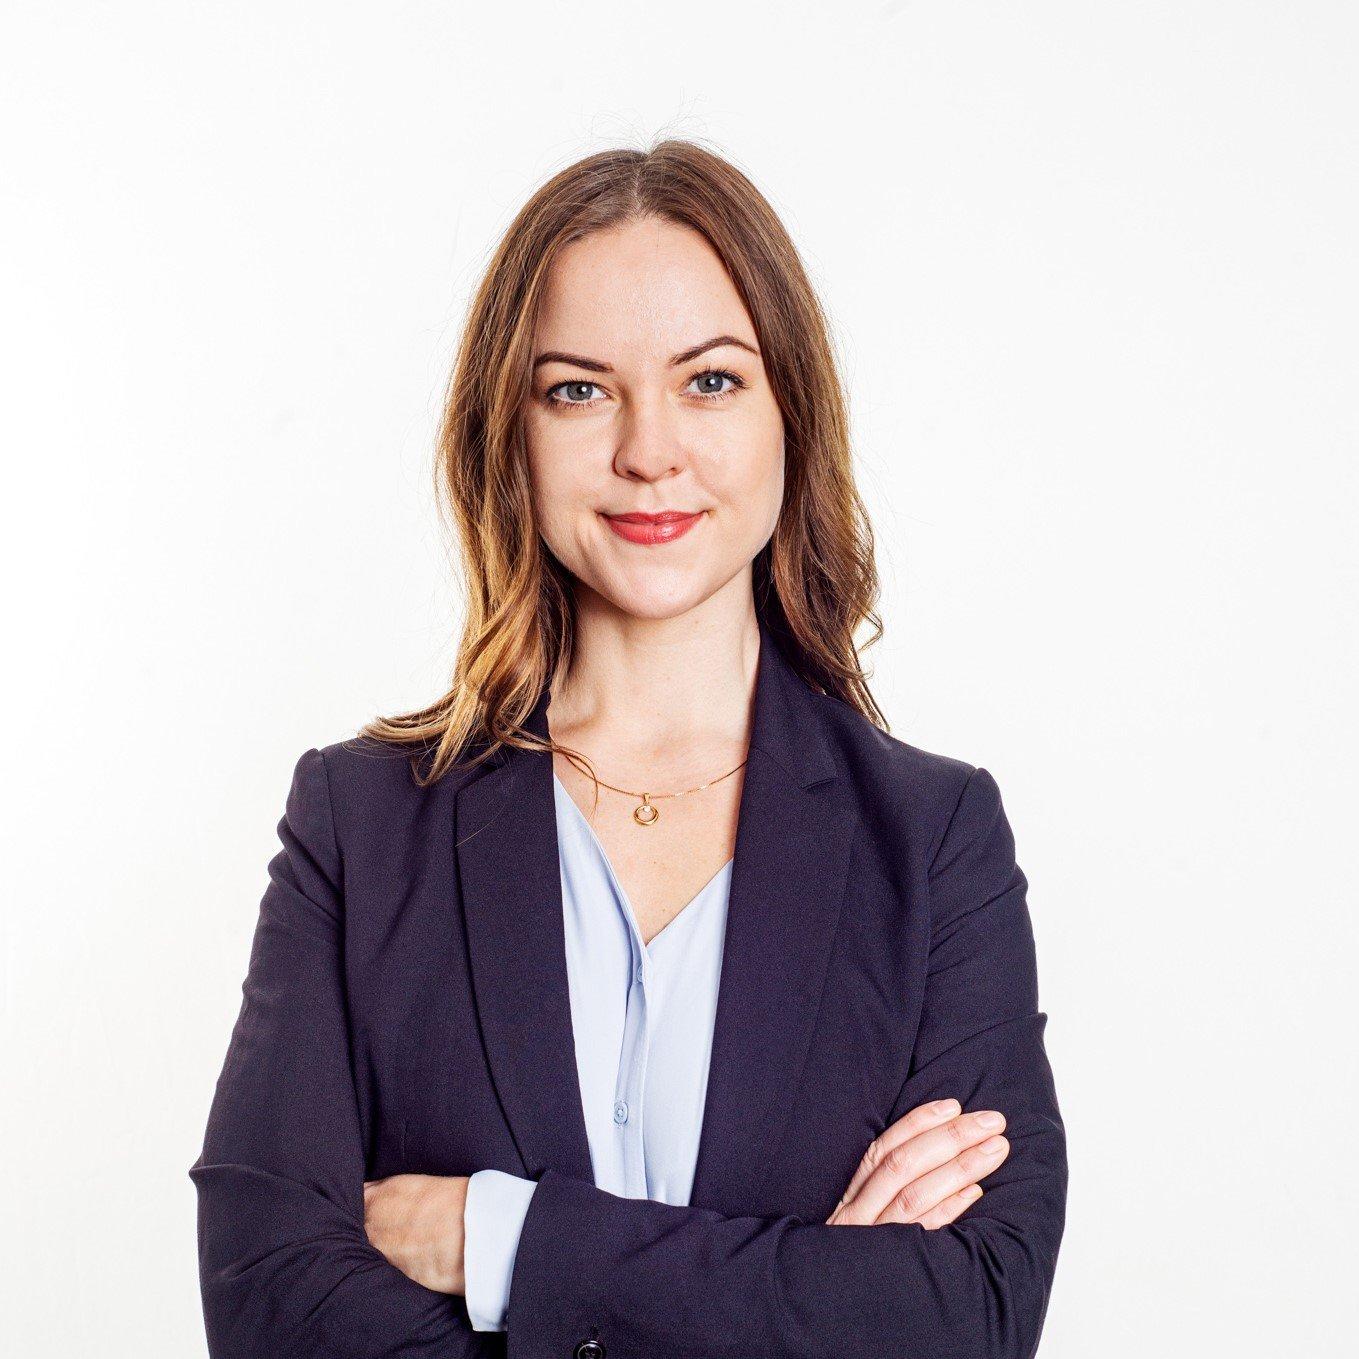 Melinda Larsson